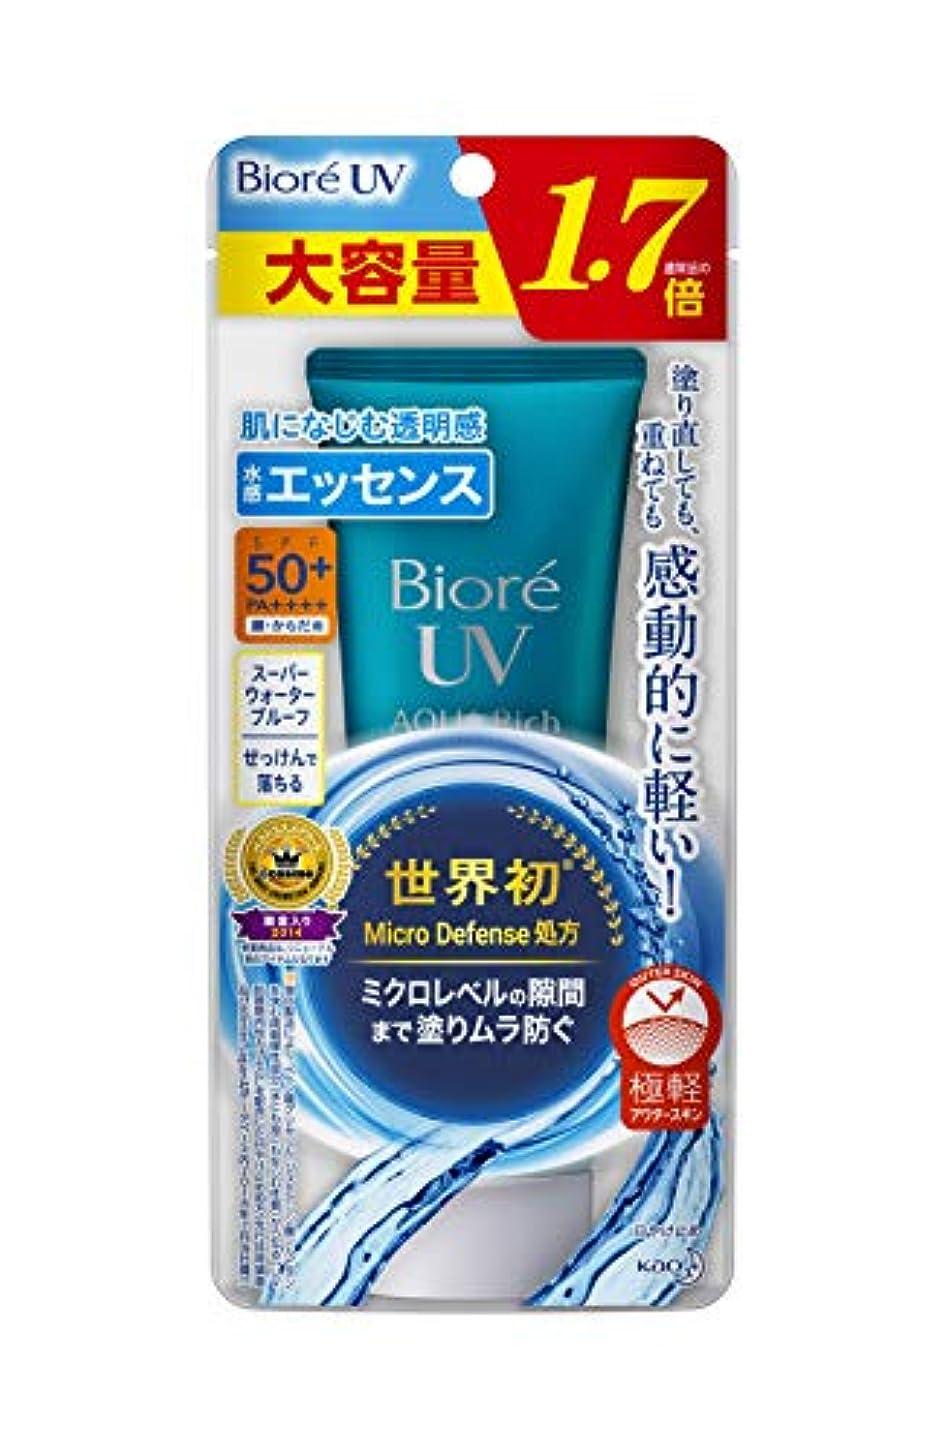 マニア殺します親【大容量】 ビオレUV アクアリッチ ウォータリエッセンス 85g (通常品の1.7倍) 日焼け止め SPF50+/PA++++